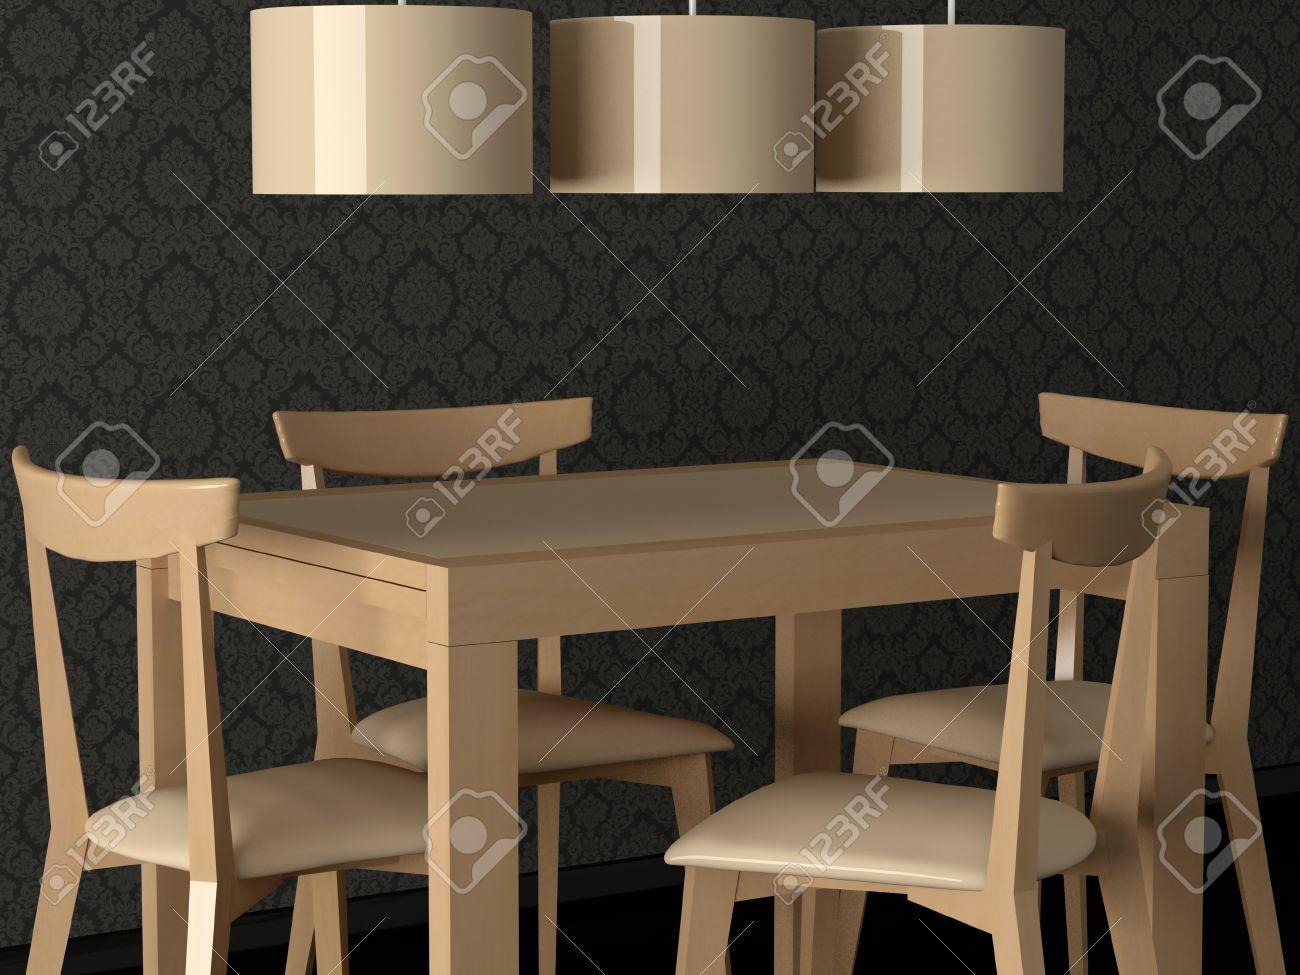 Banque Dimages Intrieur Design De La Salle Manger Moderne Eleganse Table  Manger En Bois Rendu With Table A Manger Moderne En Bois